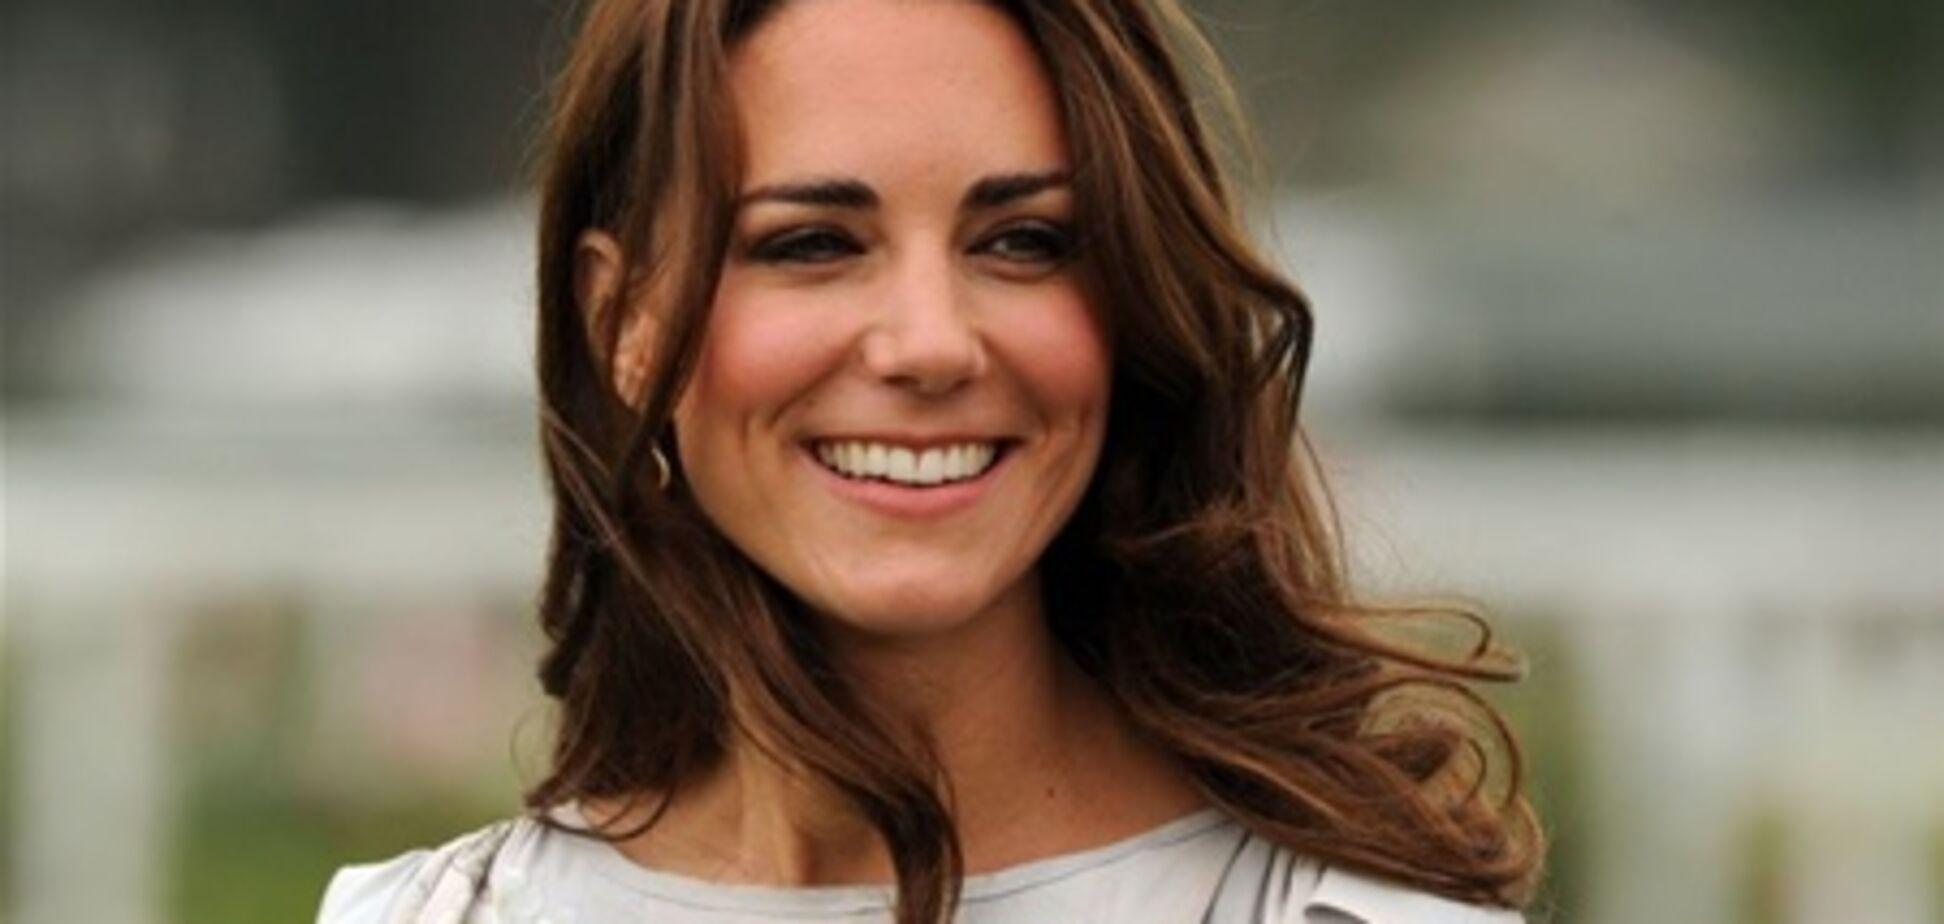 Кейт Міддлтон в університеті носила підгузник. Фото